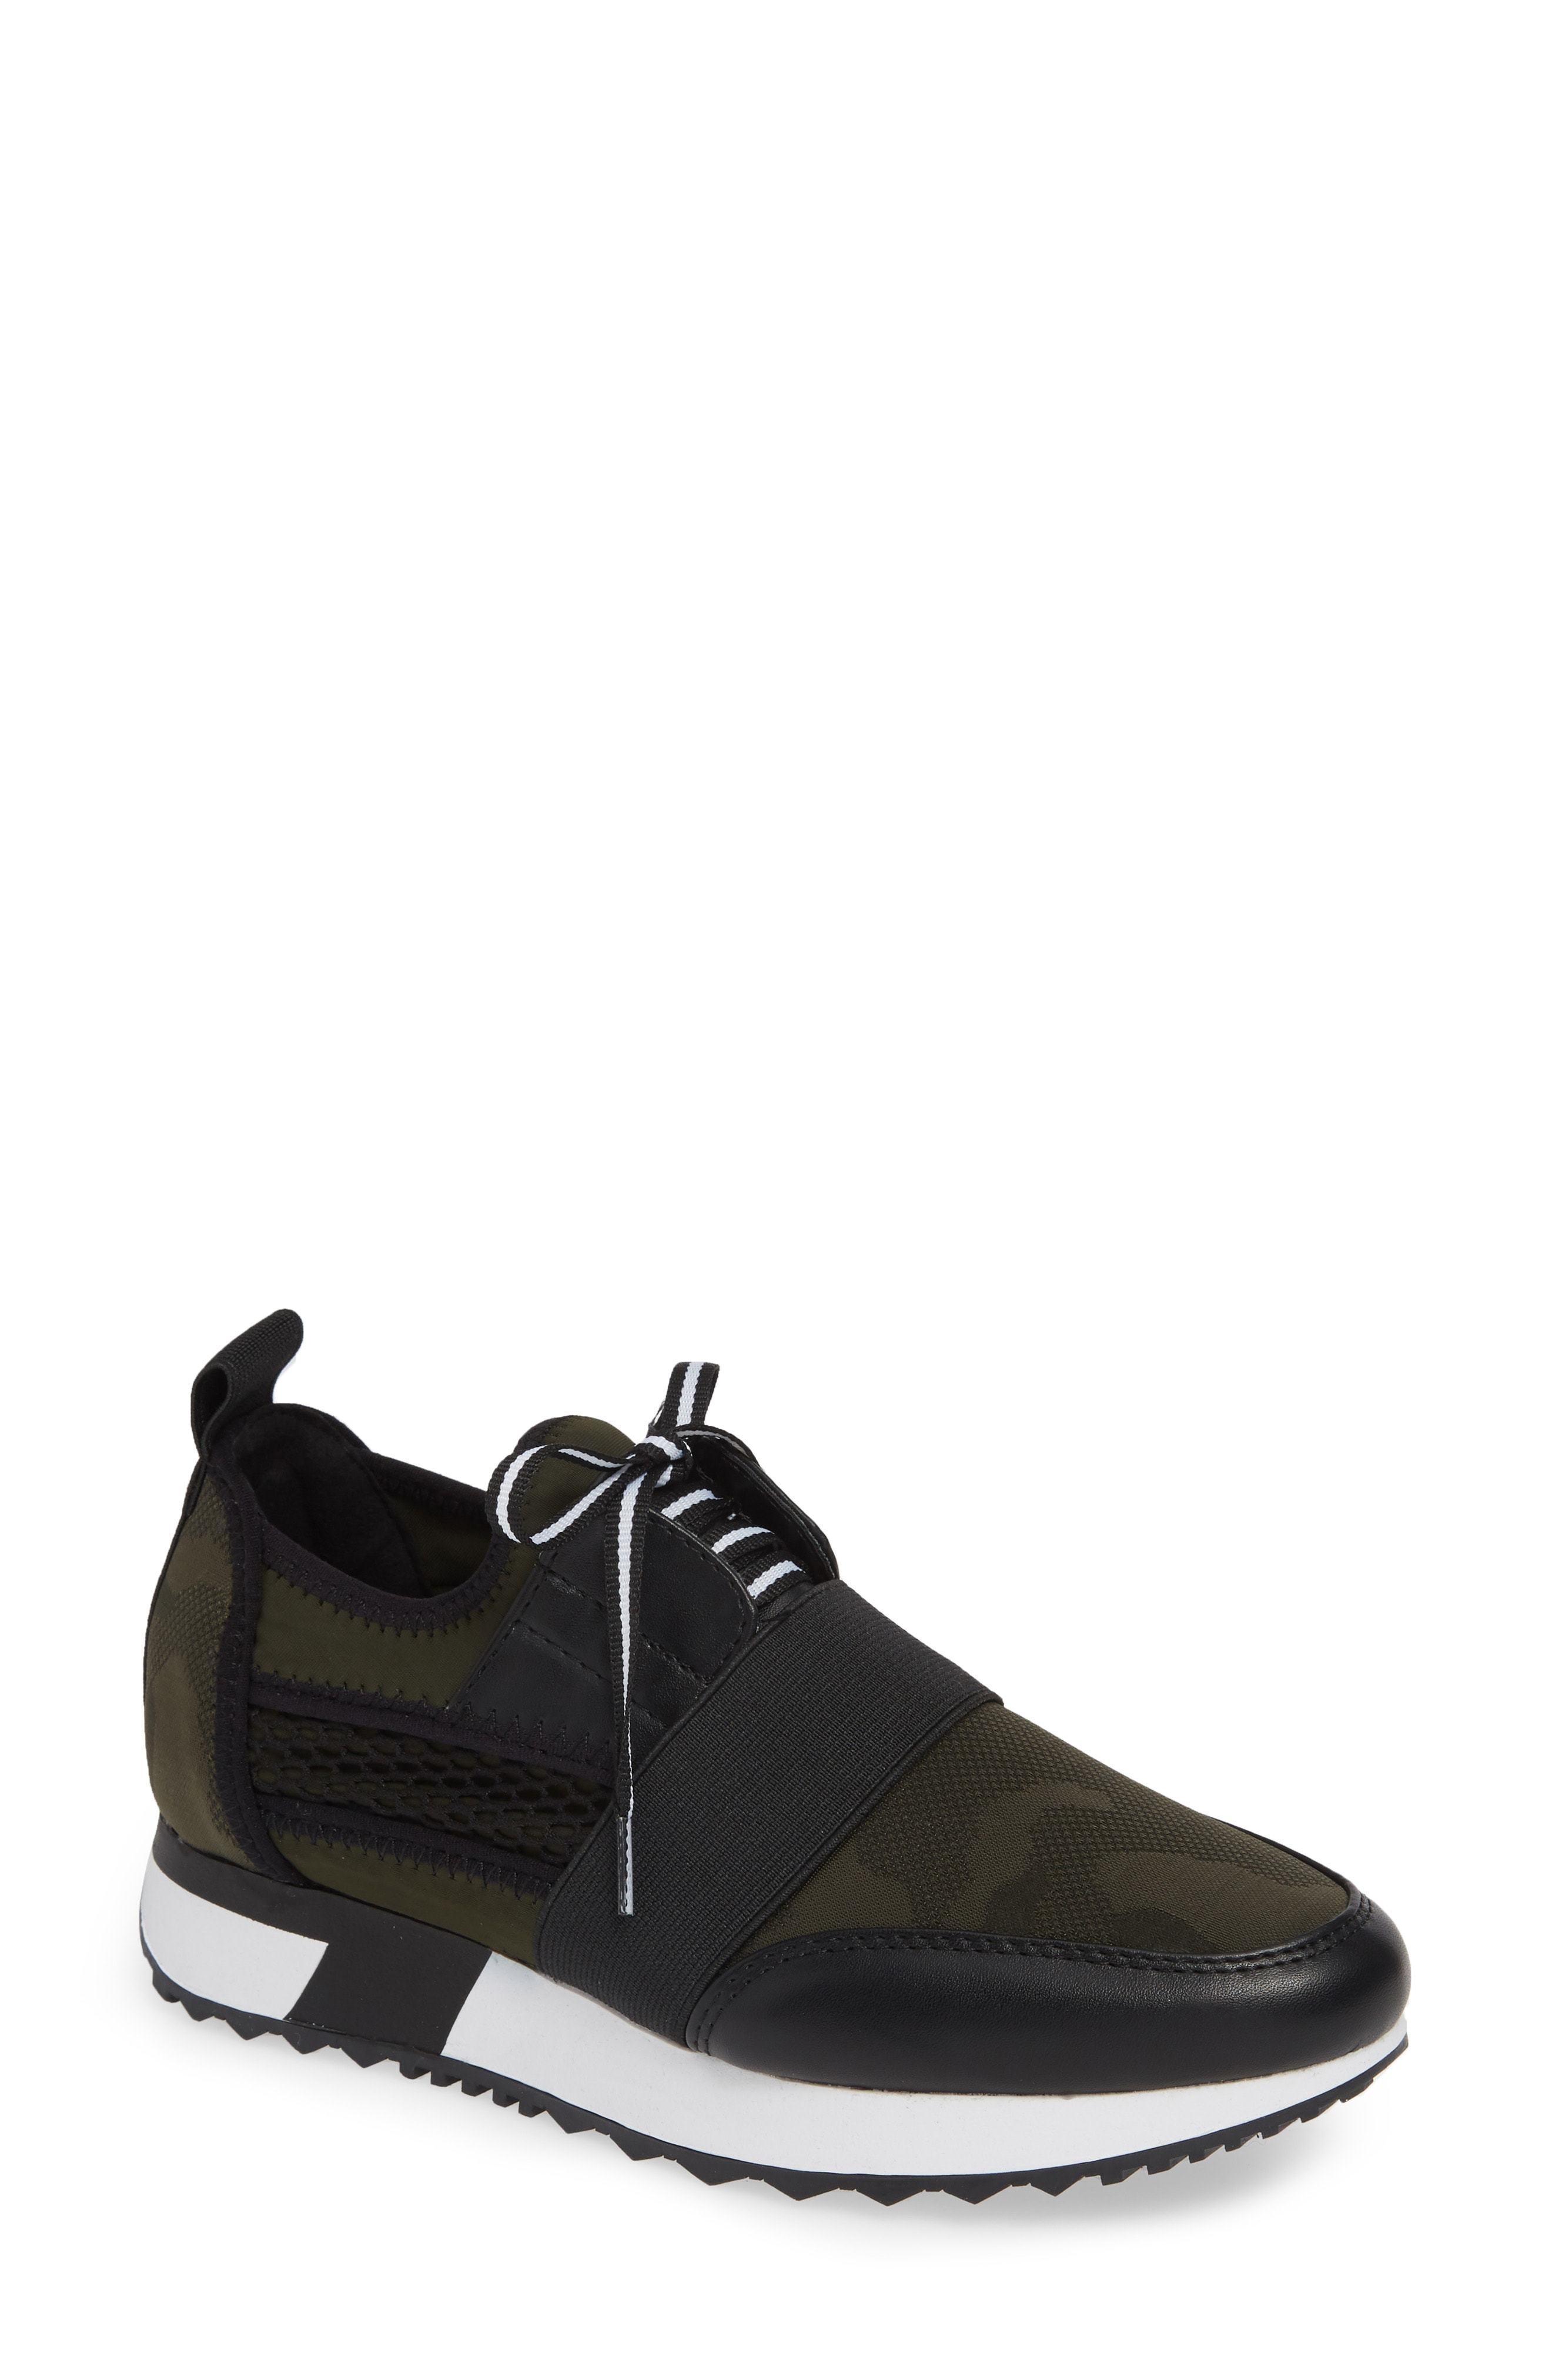 Steve Madden Arctic Sneaker, $35